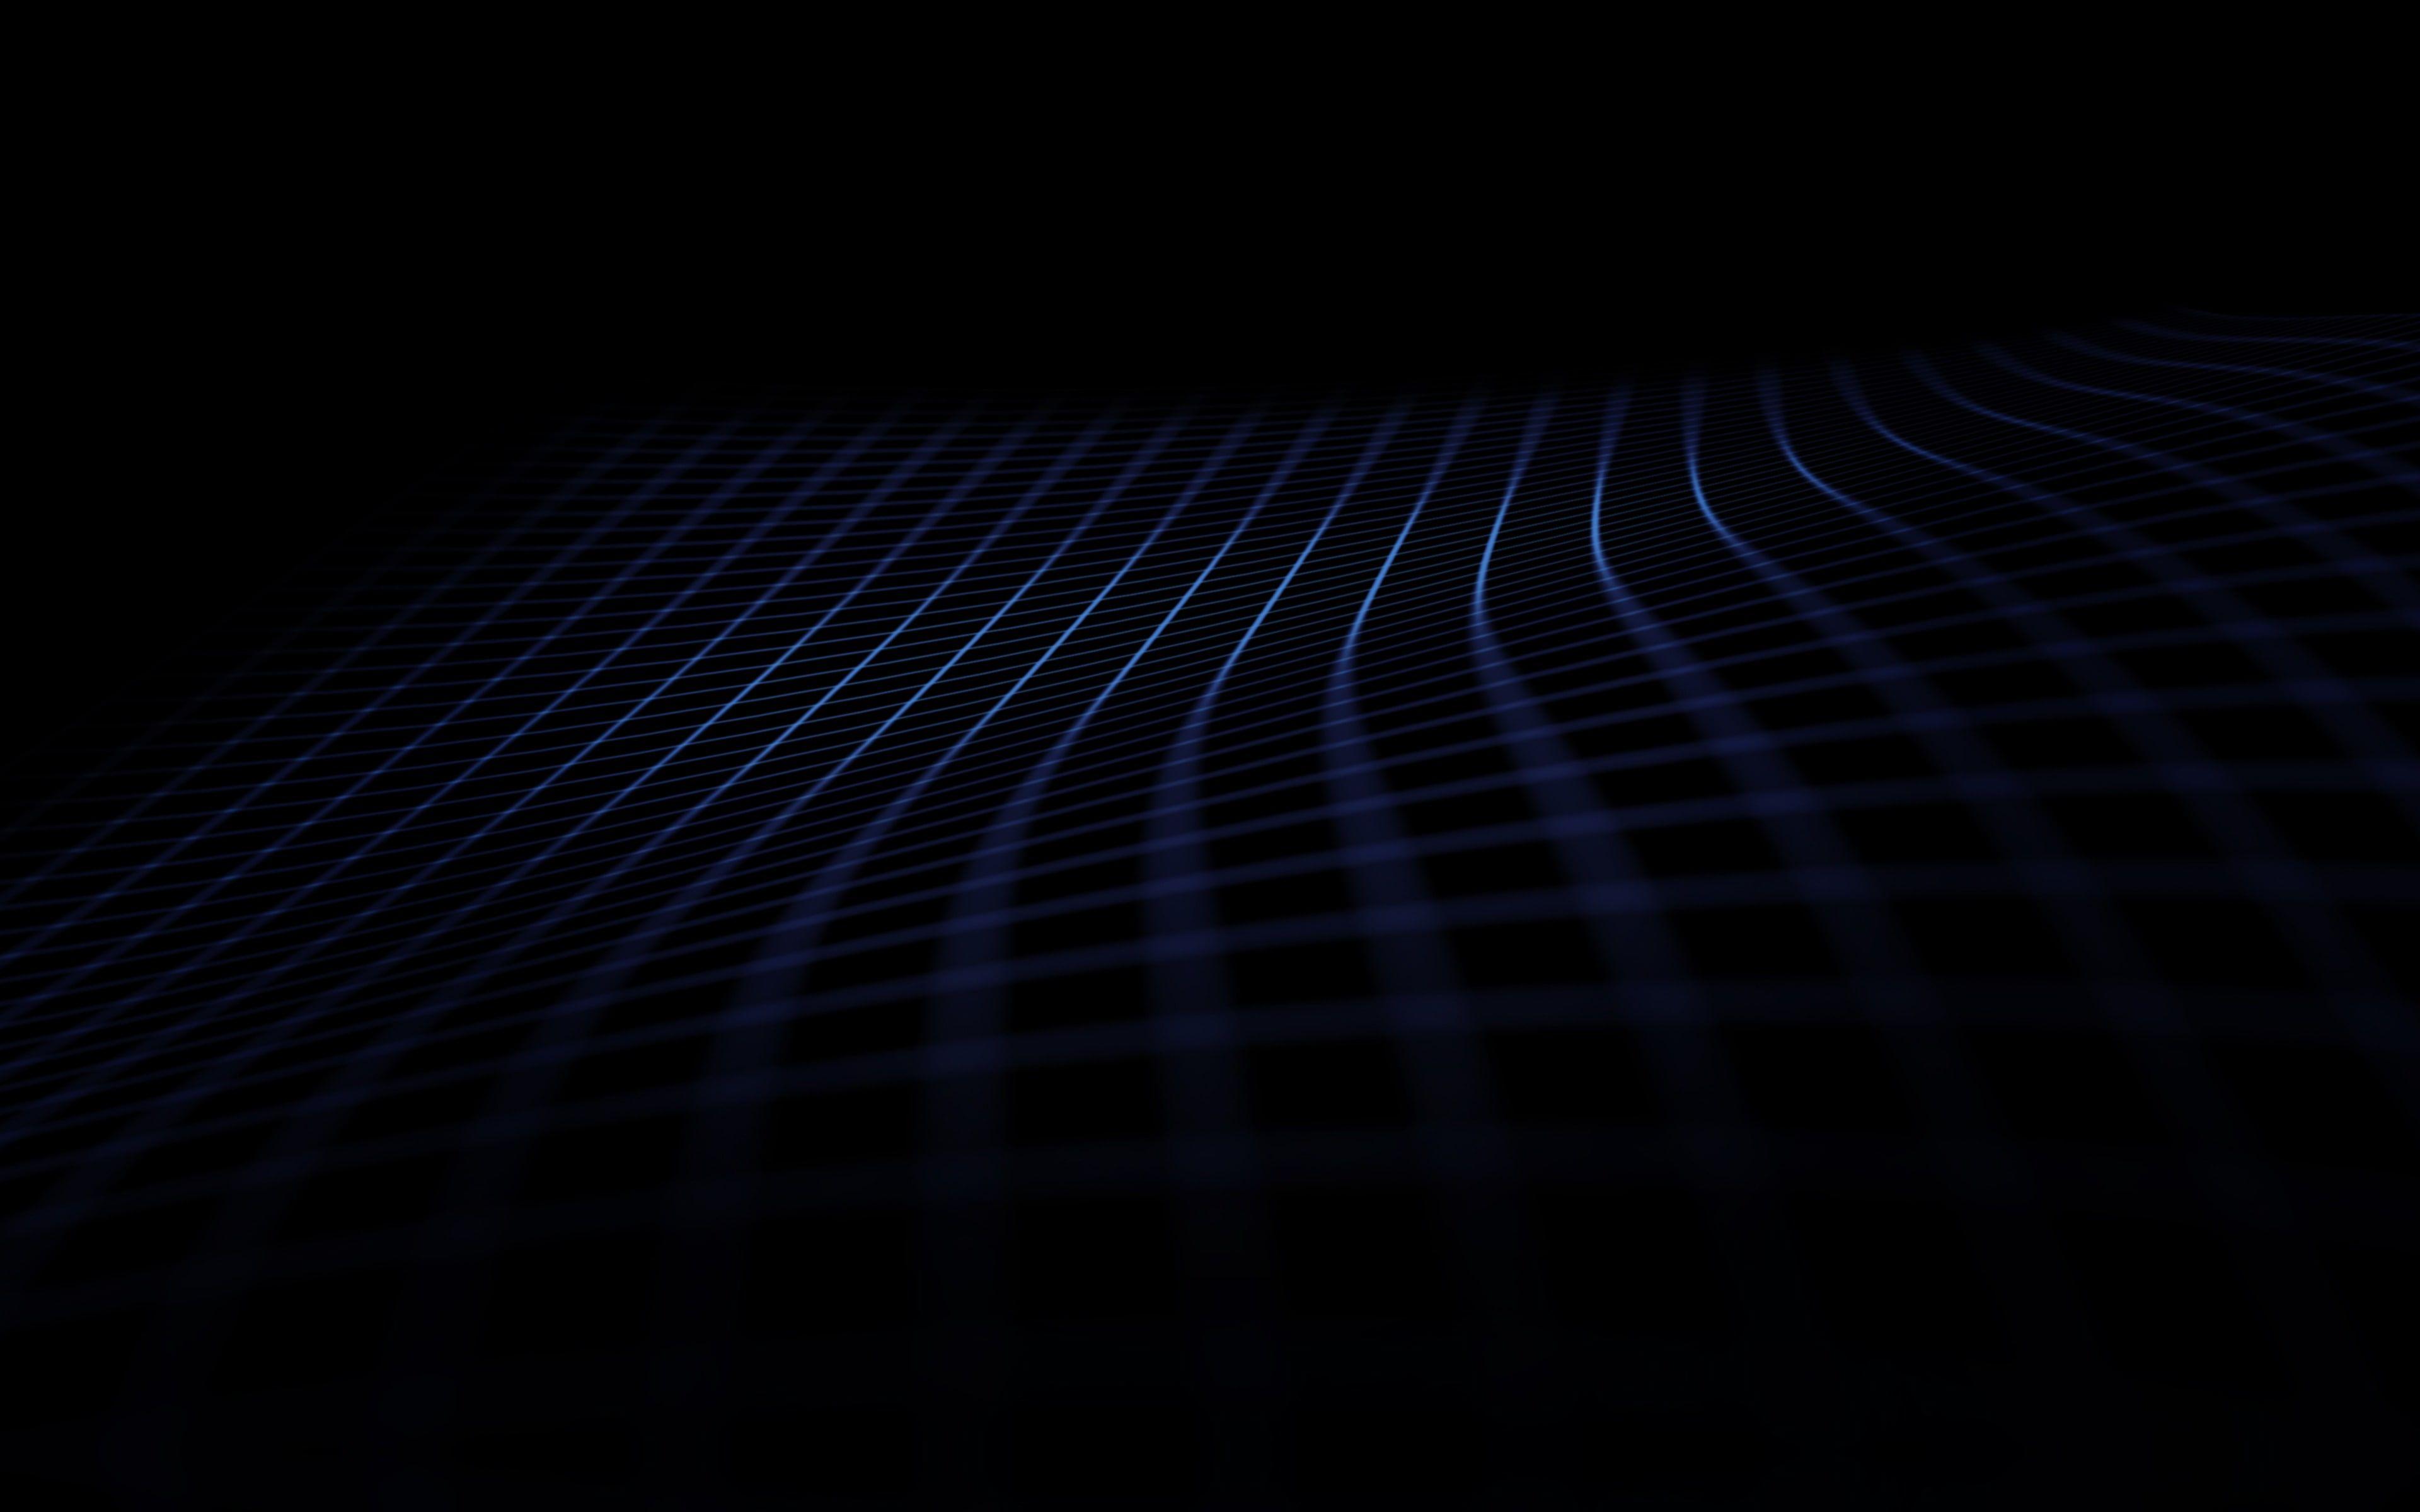 Blue Dazzling Lines Dark Background 4k Hd 4k Wallpaper Hdwallpaper Desktop Dark Backgrounds Wallpaper Pictures Dark Blue Background